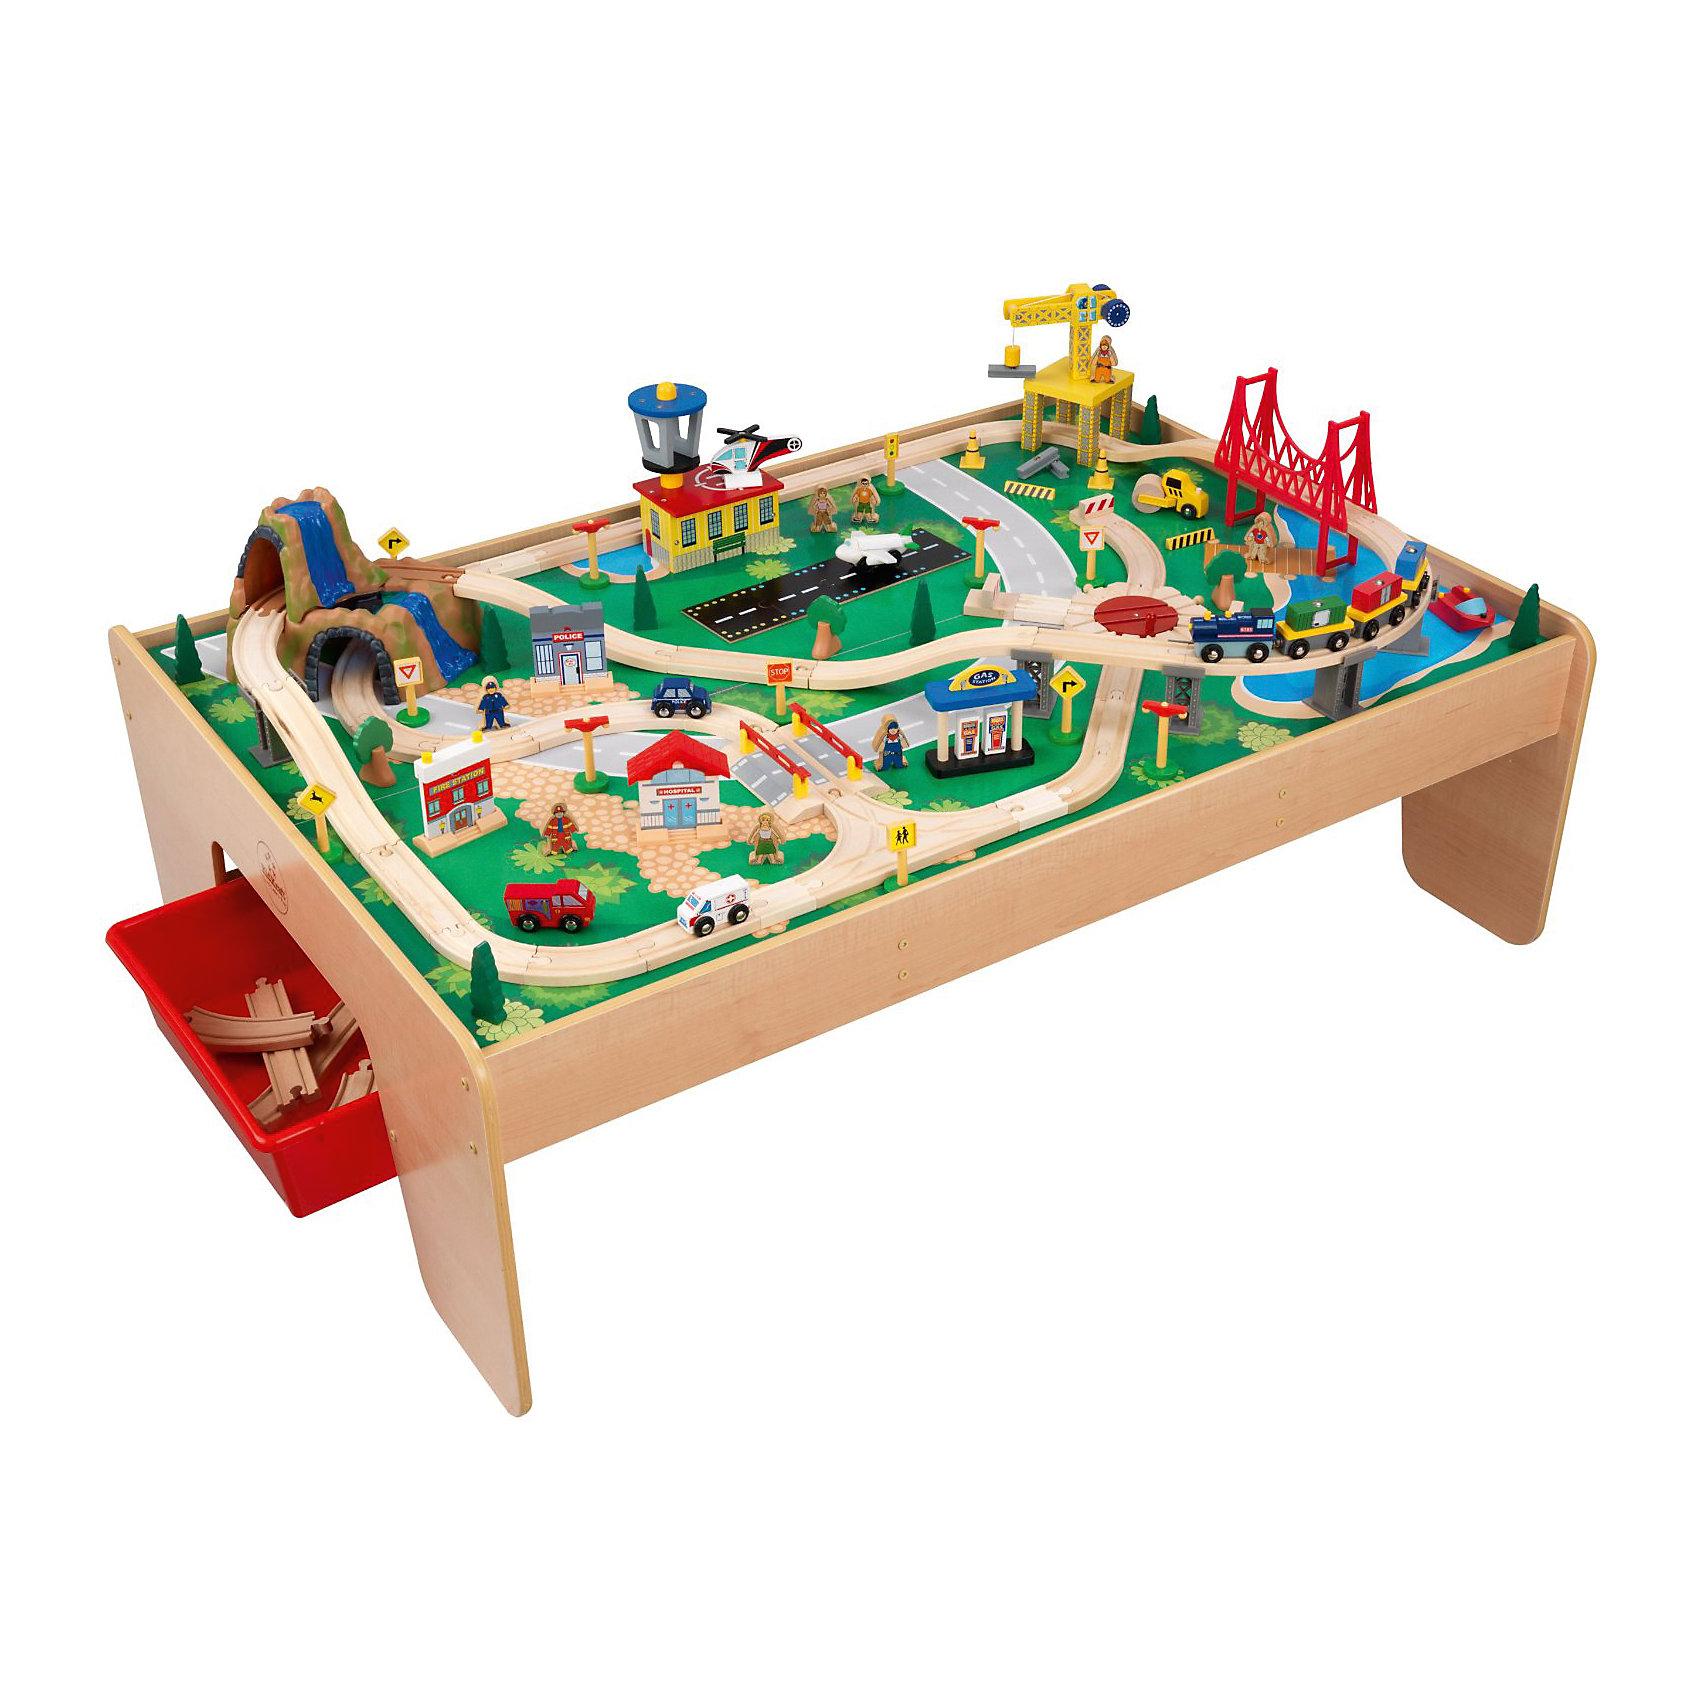 Деревянная железная дорога Горный водопад, со столом, KidKraftИгрушечная железная дорога<br>Деревянная железная дорога Горный водопад, со столом, KidKraft (КидКрафт).<br><br>Характеристики:<br><br>? Материалы: дерево, пластик.<br>? 120 игровых элементов.<br>? Размеры игрушки: 124x87x41 см<br>? Размер стола: 95х51,5х44 см.<br>? Размер упаковки: 49 ? 135 ? 22 см.<br>? Вес: 27 кг<br><br>Железная дорога со столом «Горный водопад» KidKraft – великолепный набор с огромным количеством игровых элементов. Дорога выполнена из цельного массива березы. Игровая поверхность устанавливается на специальный стол, с нанесенной рельефной местностью. Здесь есть большая гора с 2-мя водопадами и туннелем, огромный мост, красивые изгибистые дороги, по которым ездит паровоз с тремя гружеными вагончиками. Также есть отделение полиции, пожарная станция, аэропорт с вертолетом, самолетом, строительная площадка с краном, заправочная станция, деревья и фигурки человечков. Выступающие части игрового стола закруглены с целью предотвращения повреждений у ребенка. Внушительные размеры игрушки позволяют играть сразу нескольким детям. Детали дороги можно аккуратно хранить в выдвижных ящиках. Удивите своего малыша, подарив ему деревянную железную дорогу Горный водопад, со столом, KidKraft (КидКрафт)!<br><br>Деревянную железную дорогу Горный водопад, со столом, KidKraft (КидКрафт), можно купить в нашем интернет – магазине.<br><br>Ширина мм: 1350<br>Глубина мм: 490<br>Высота мм: 220<br>Вес г: 27000<br>Возраст от месяцев: 36<br>Возраст до месяцев: 120<br>Пол: Унисекс<br>Возраст: Детский<br>SKU: 5044998